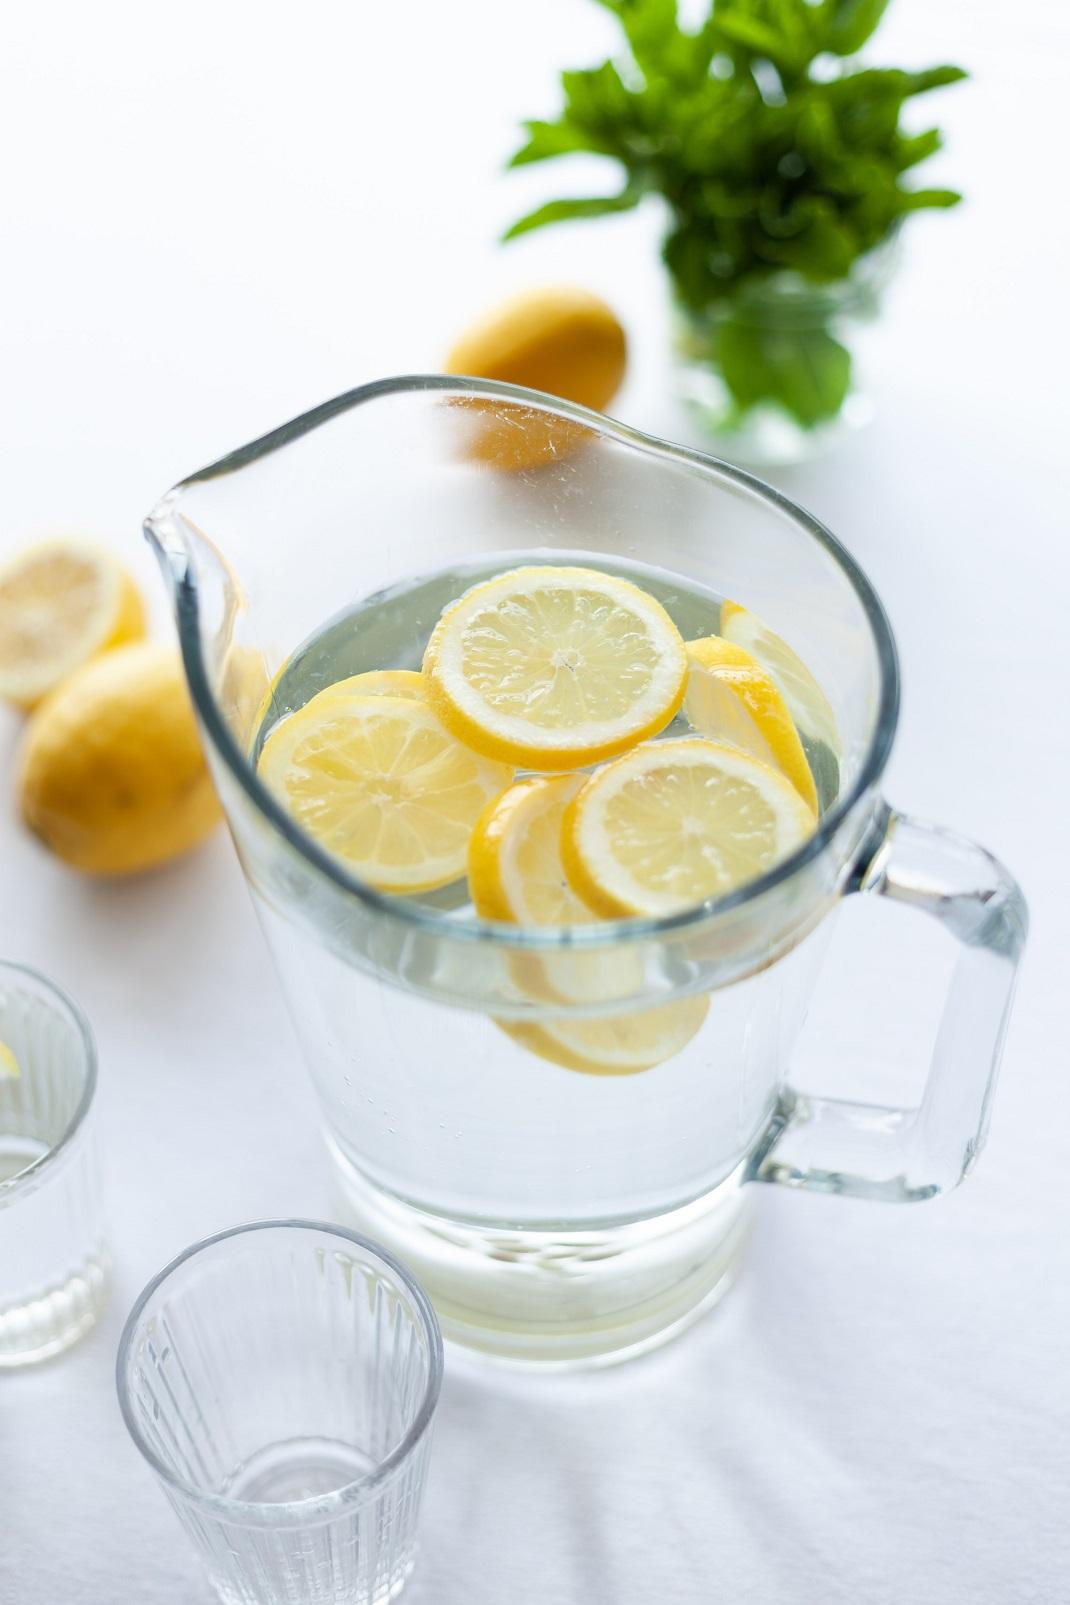 Νερό με λεμόνι σε κανάτα